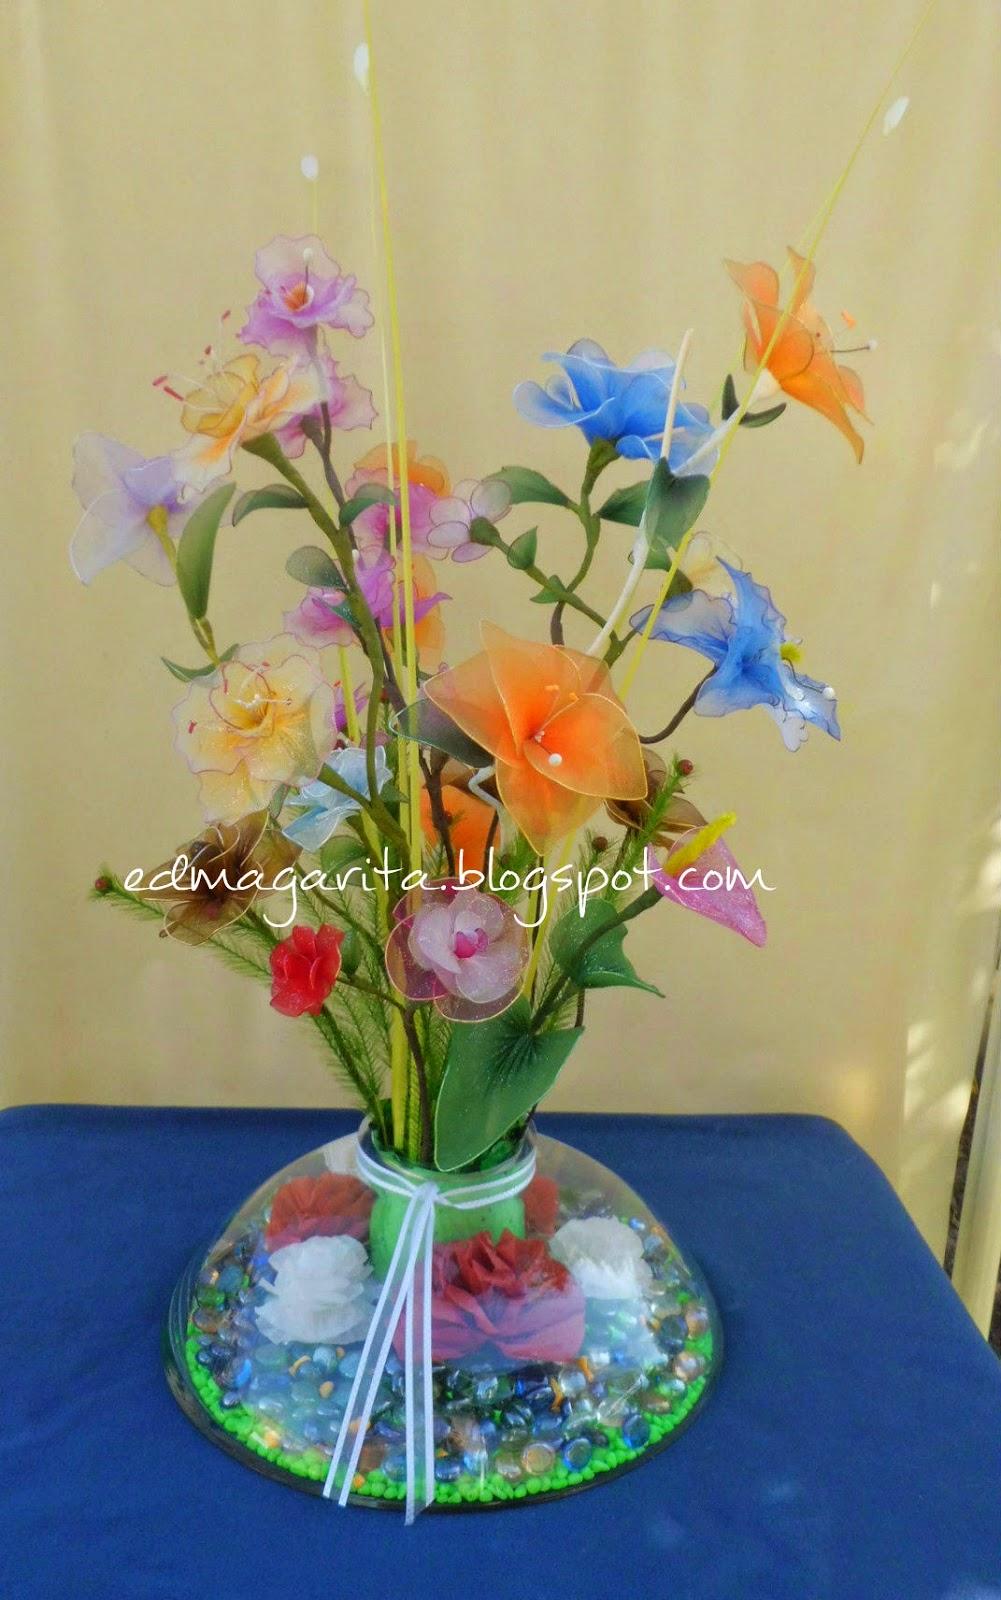 Fotos De Jarrones Con Flores Artificiales - Flores En Florero Fotos y Vectores gratis Freepik